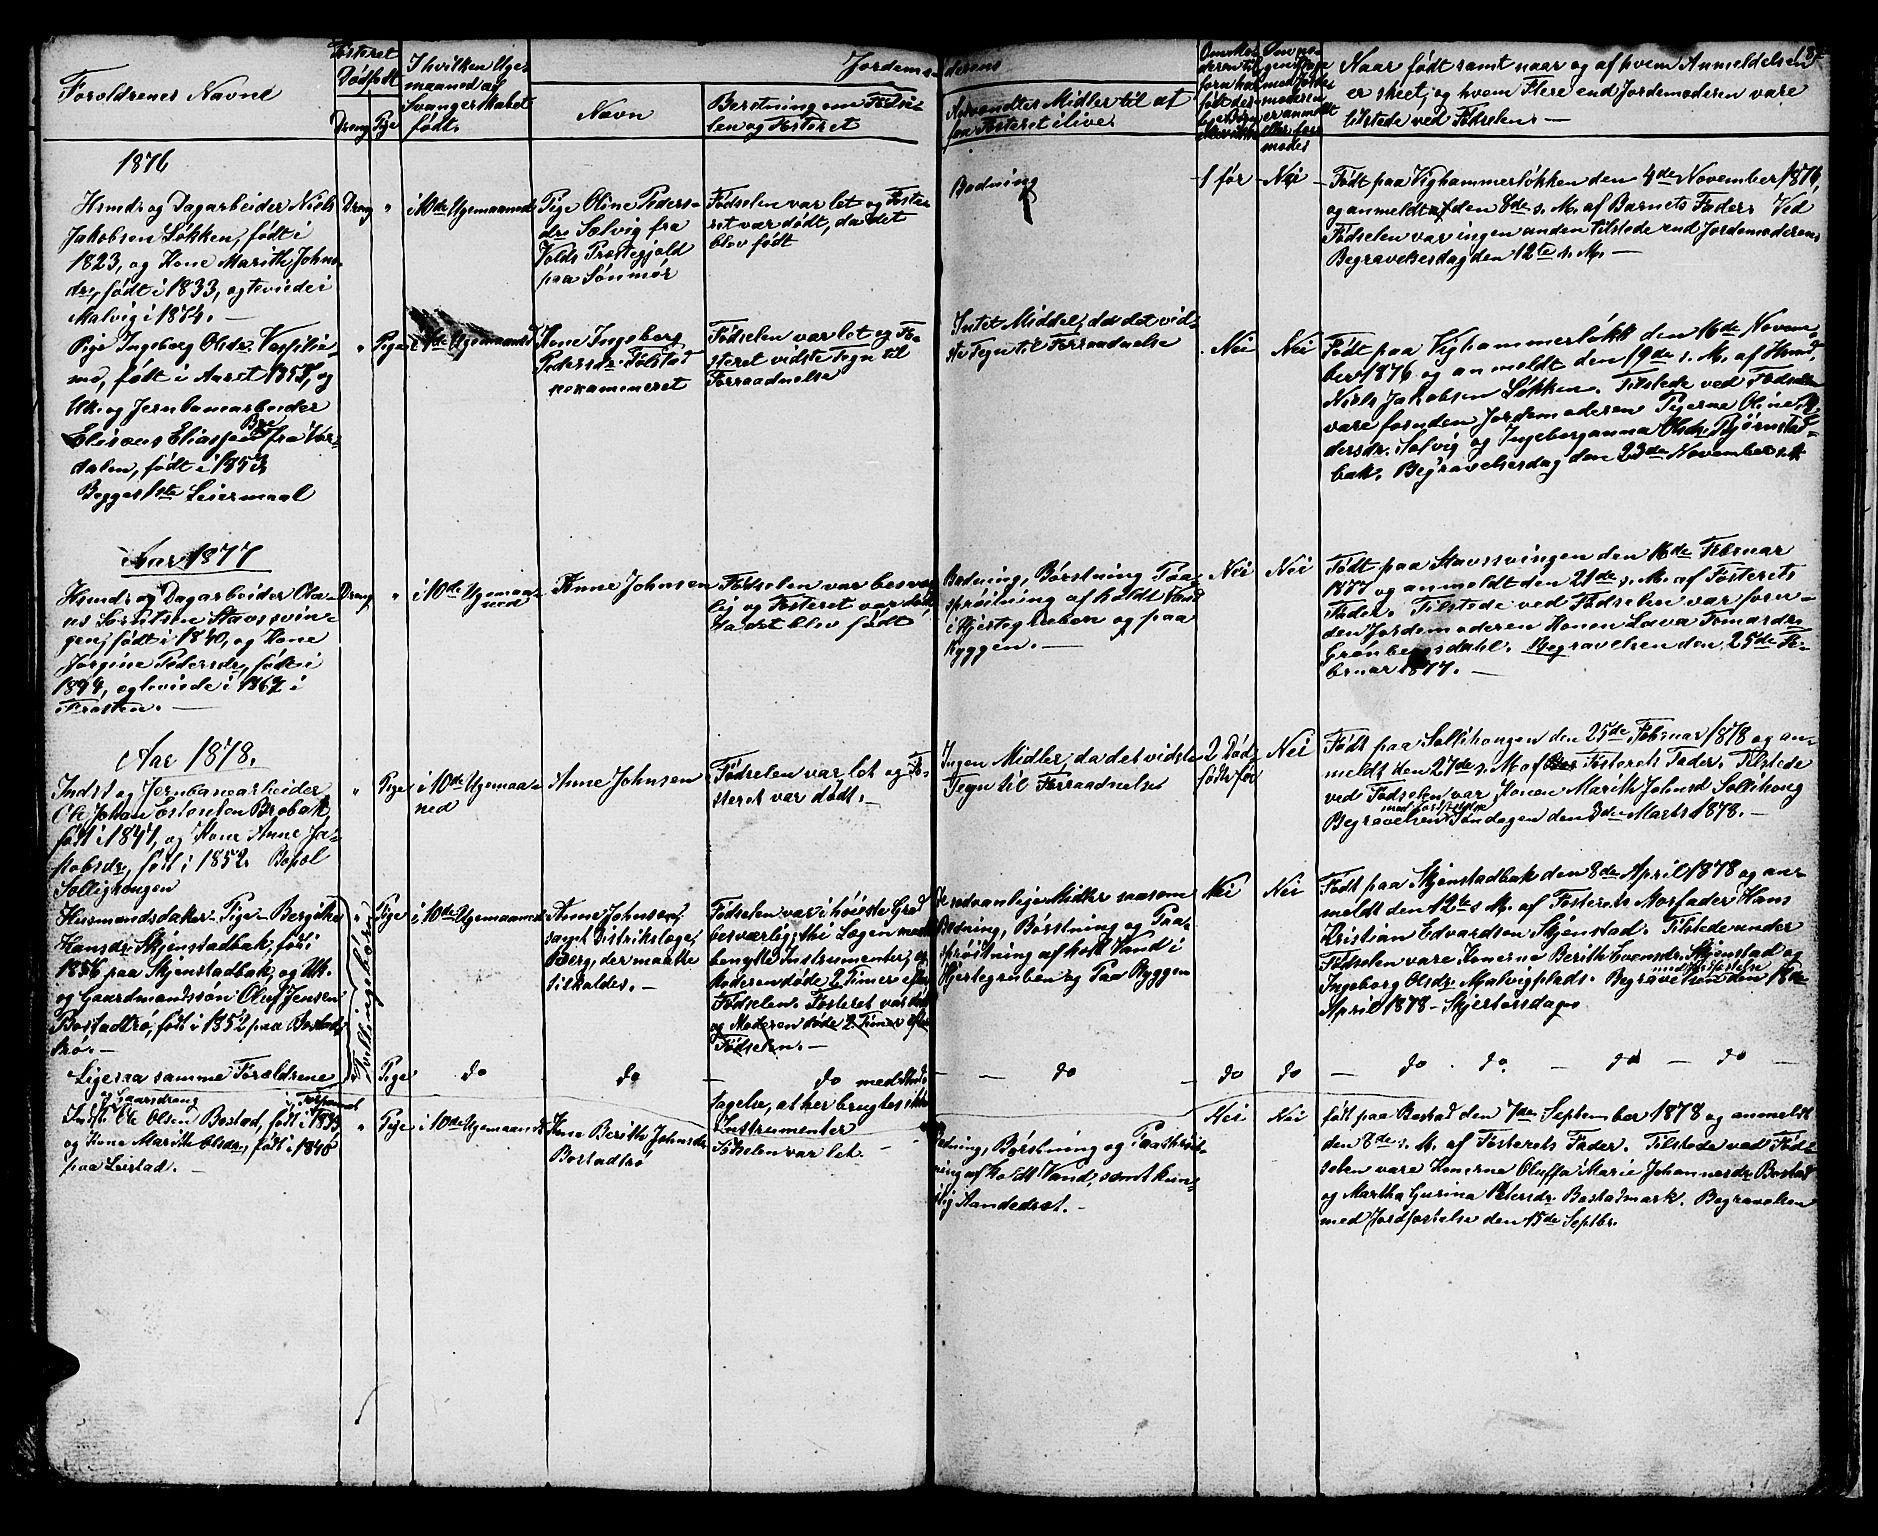 SAT, Ministerialprotokoller, klokkerbøker og fødselsregistre - Sør-Trøndelag, 616/L0422: Klokkerbok nr. 616C05, 1850-1888, s. 182